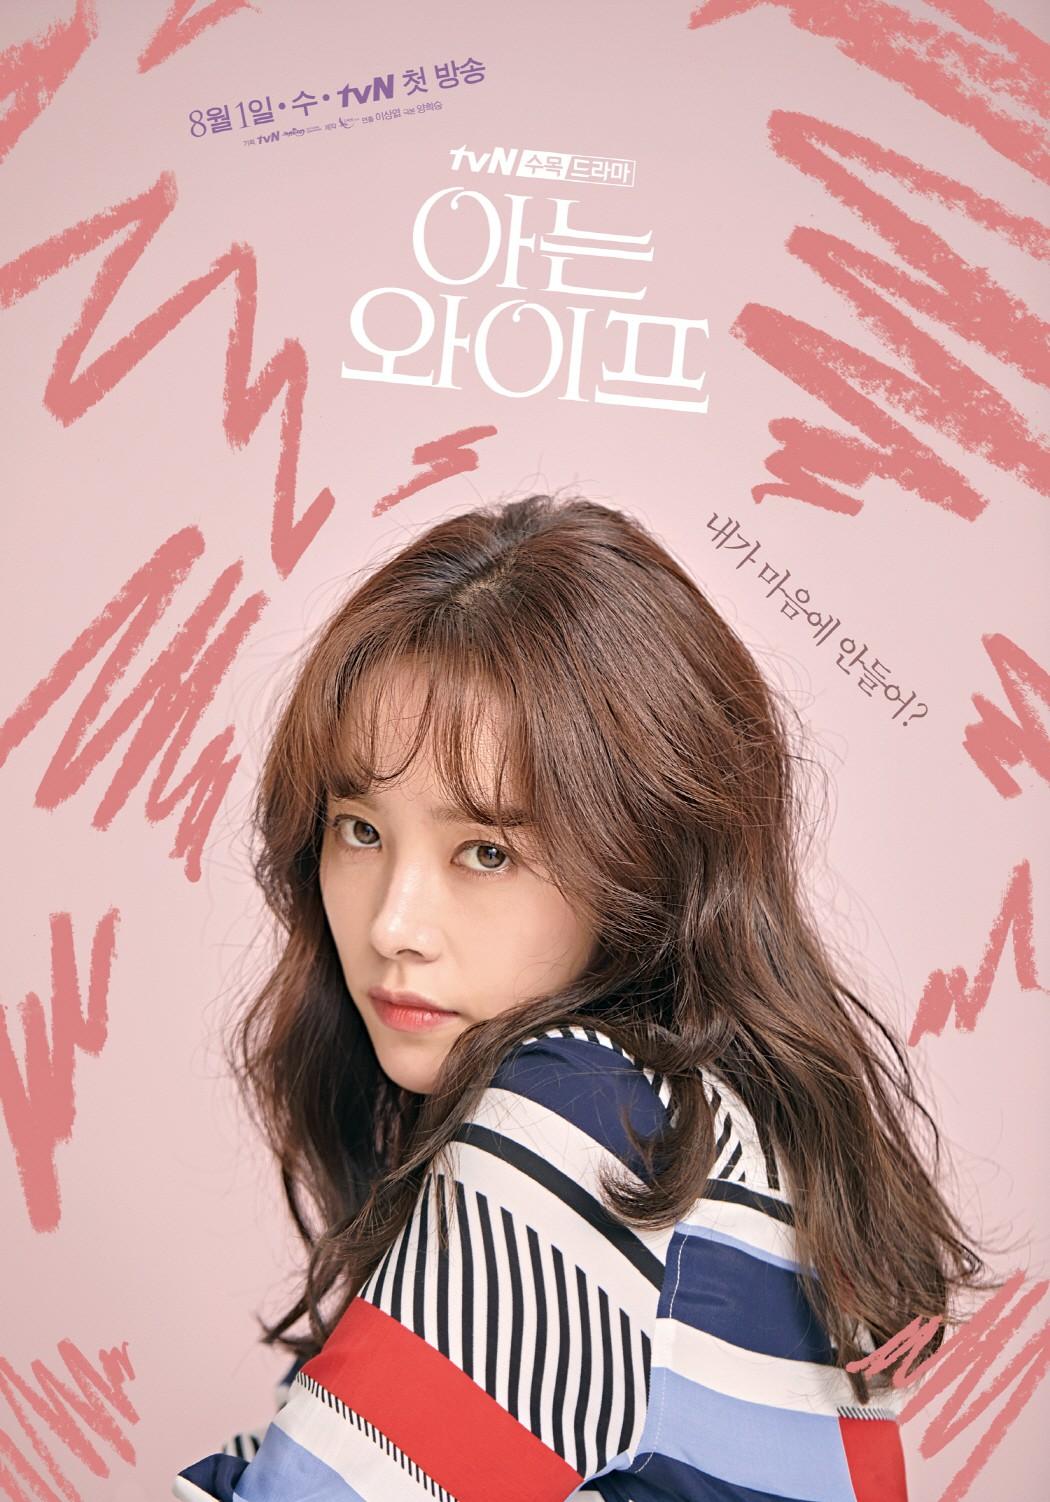 Nhìn Han Ji Min trước và sau khi lên đồ, mới thấy các chị em cứ biến hình là không thể đùa được! - Ảnh 1.